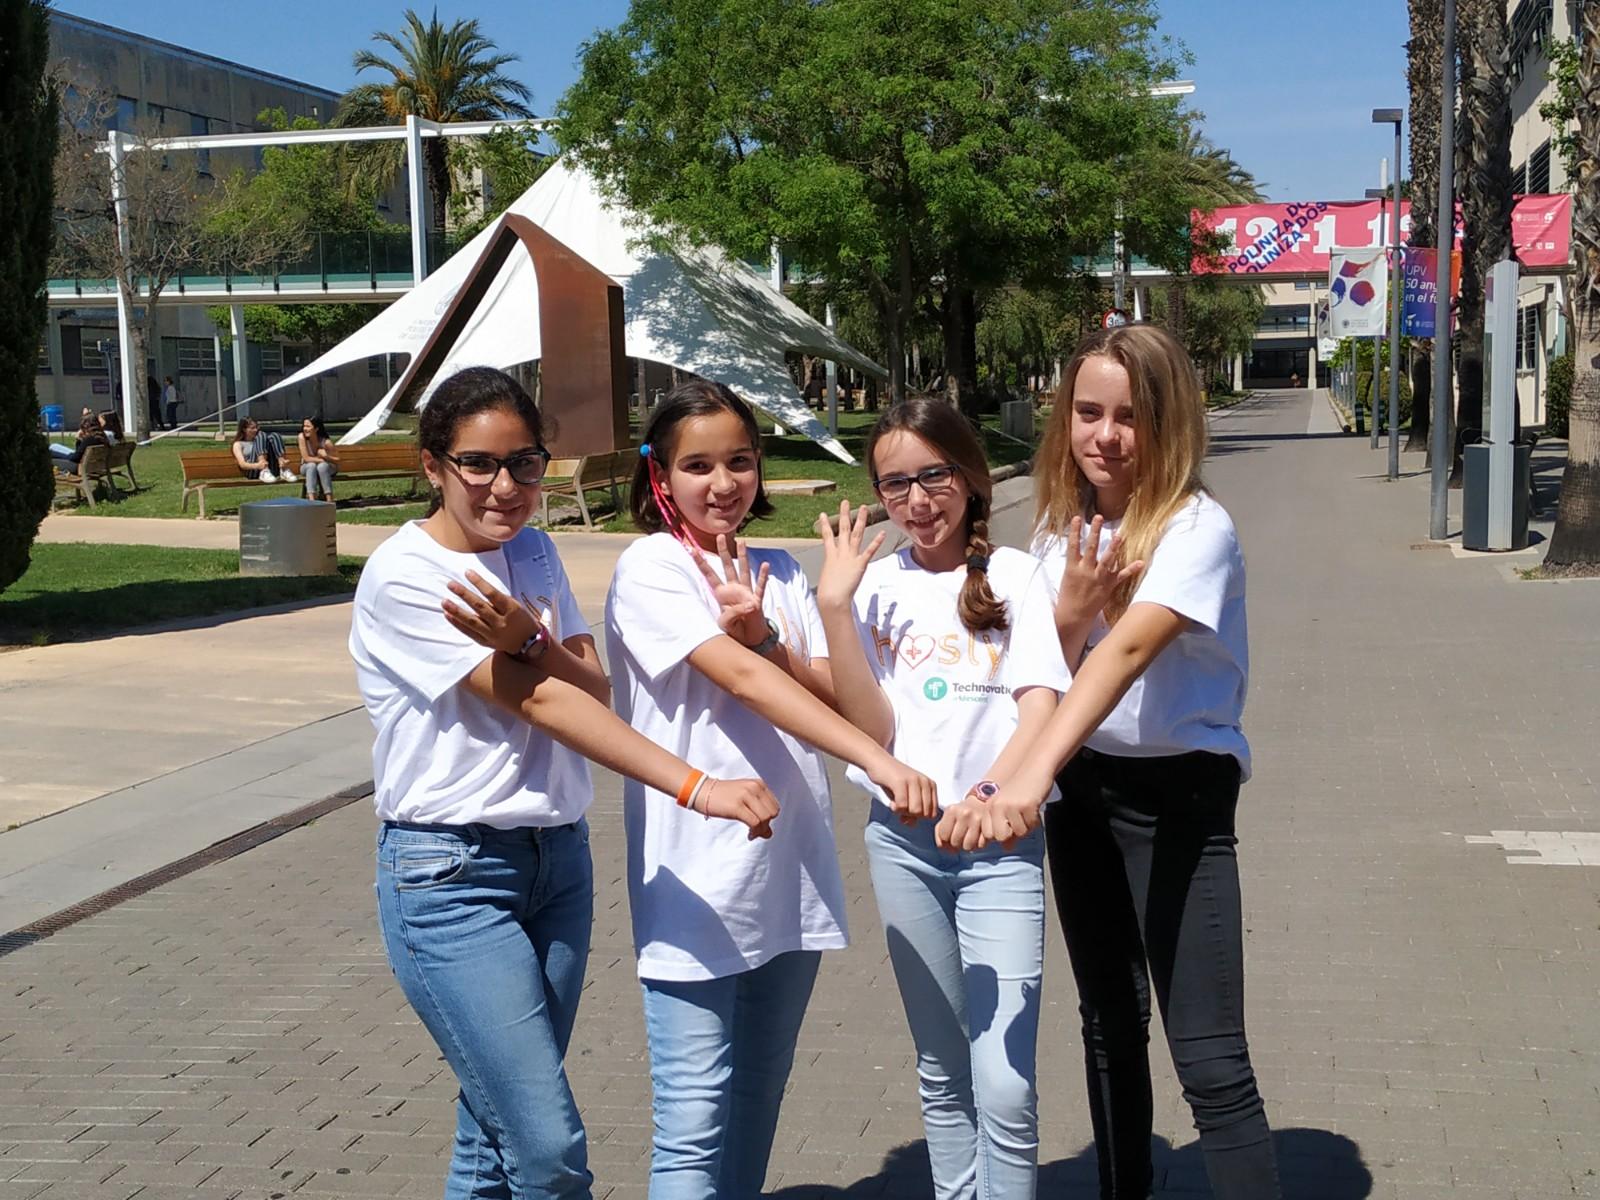 El CIPF apoya el proyecto Hosly, liderado por 4 niñas valencianas